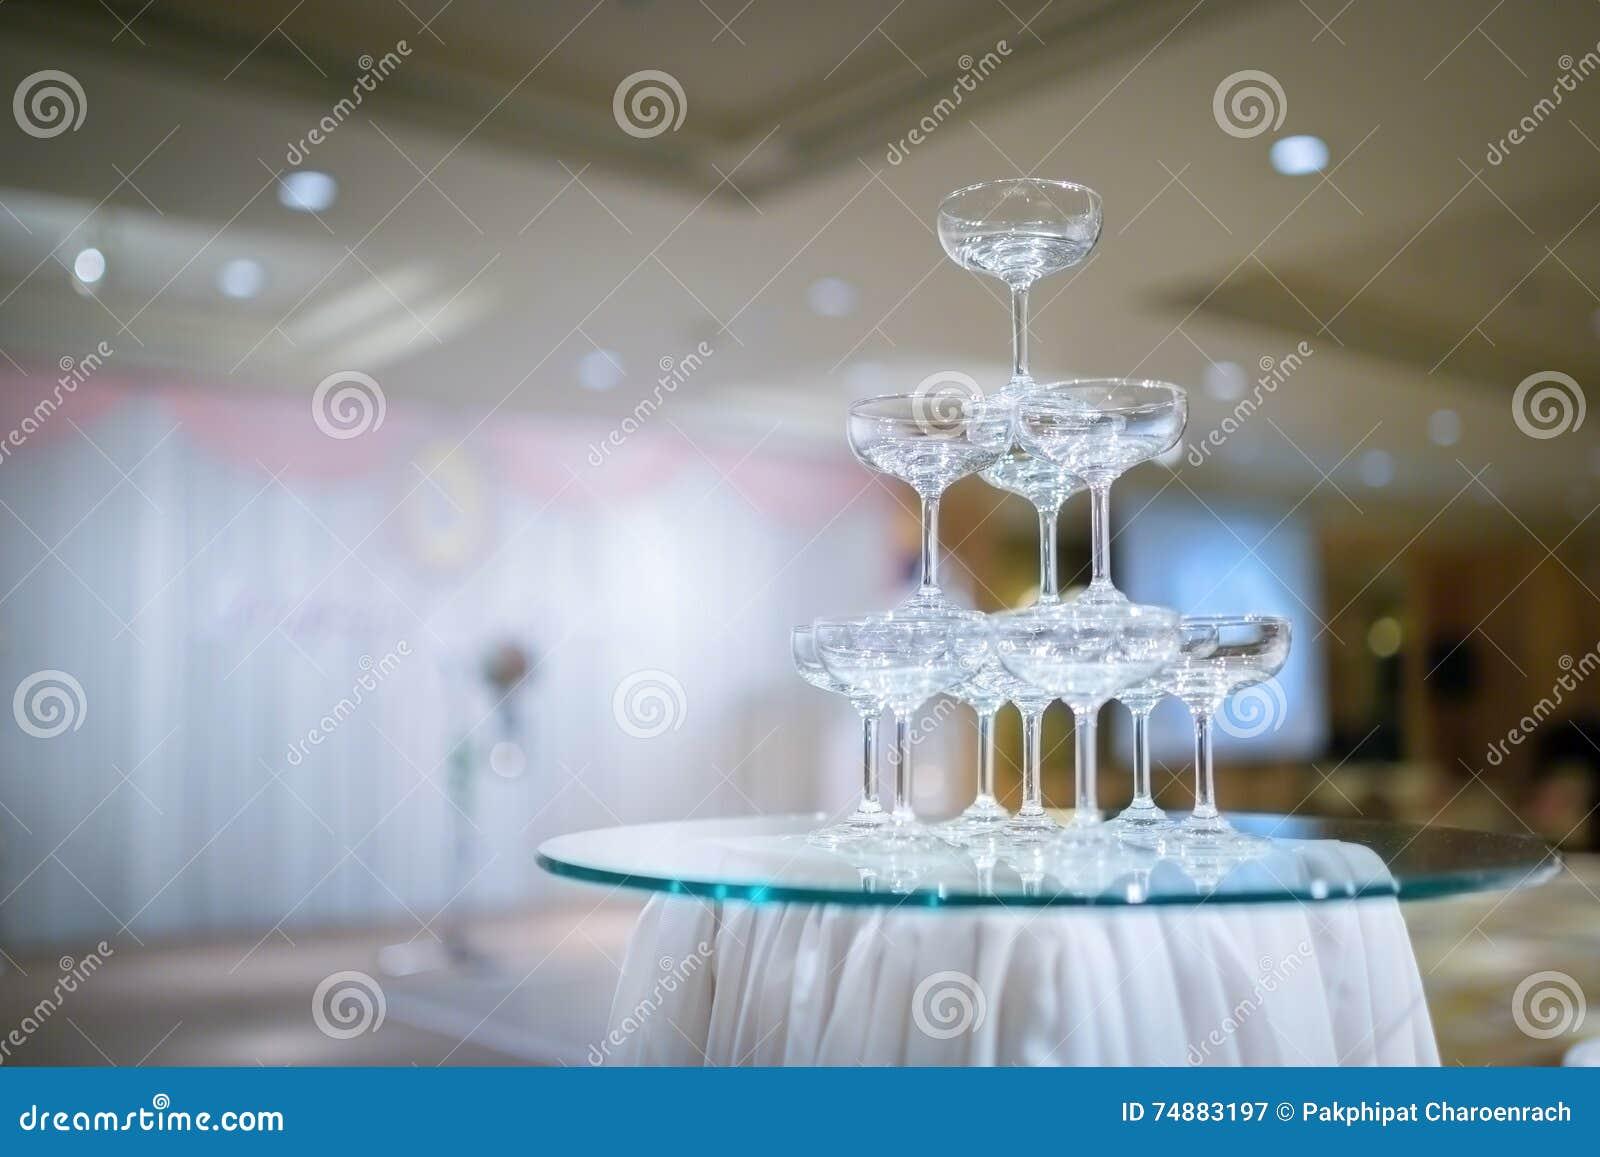 Torre de Champagne na cerimônia de casamento - Foco seletivo